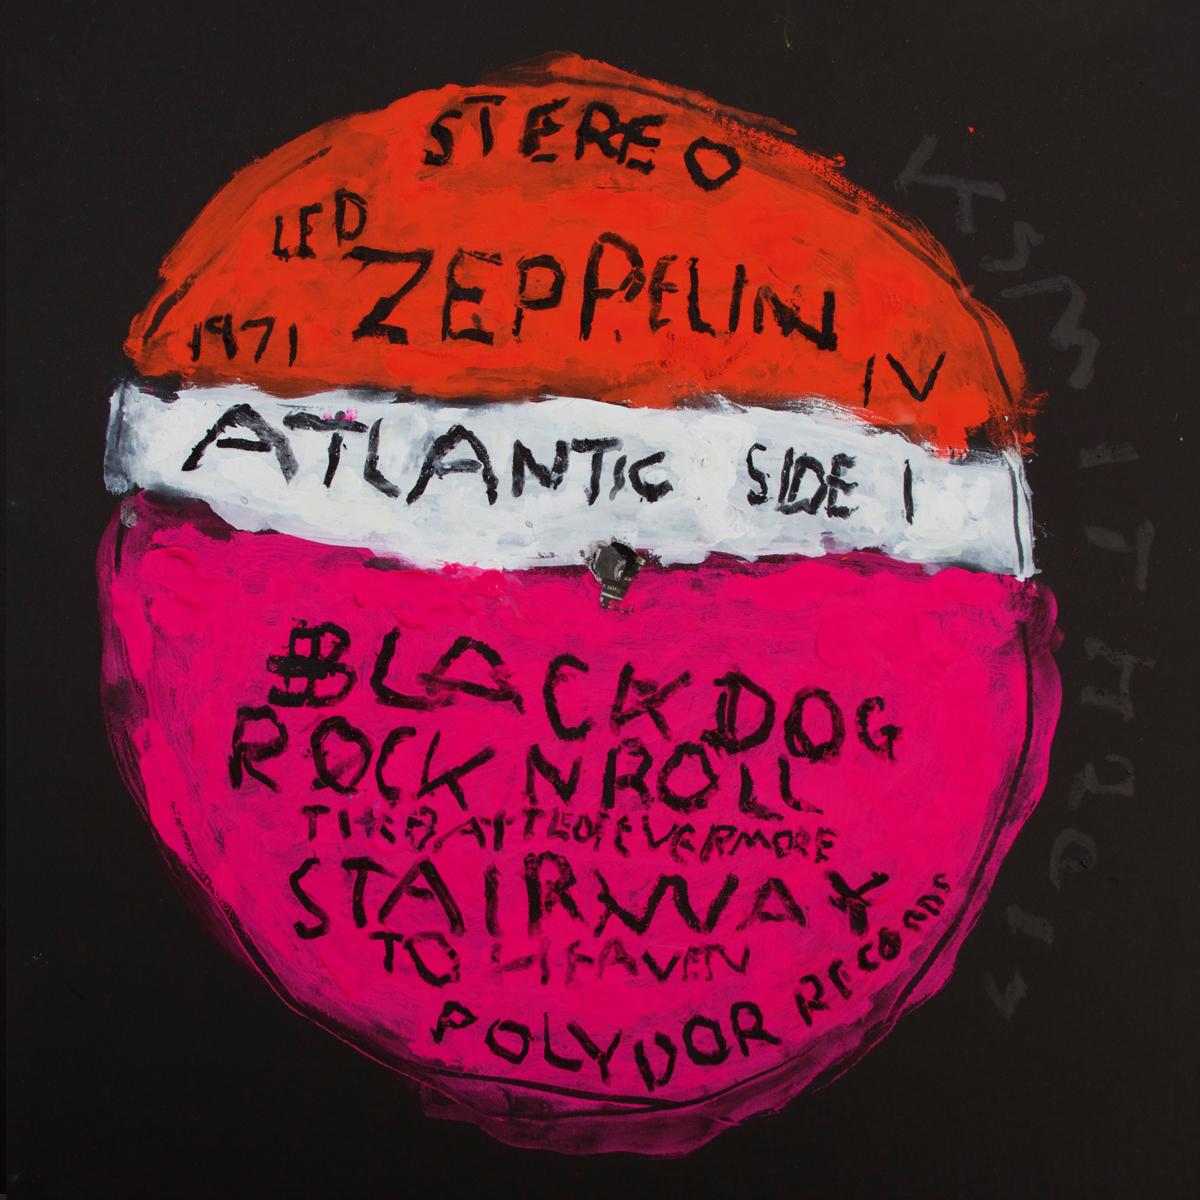 Led Zeppelin 4 / side 1